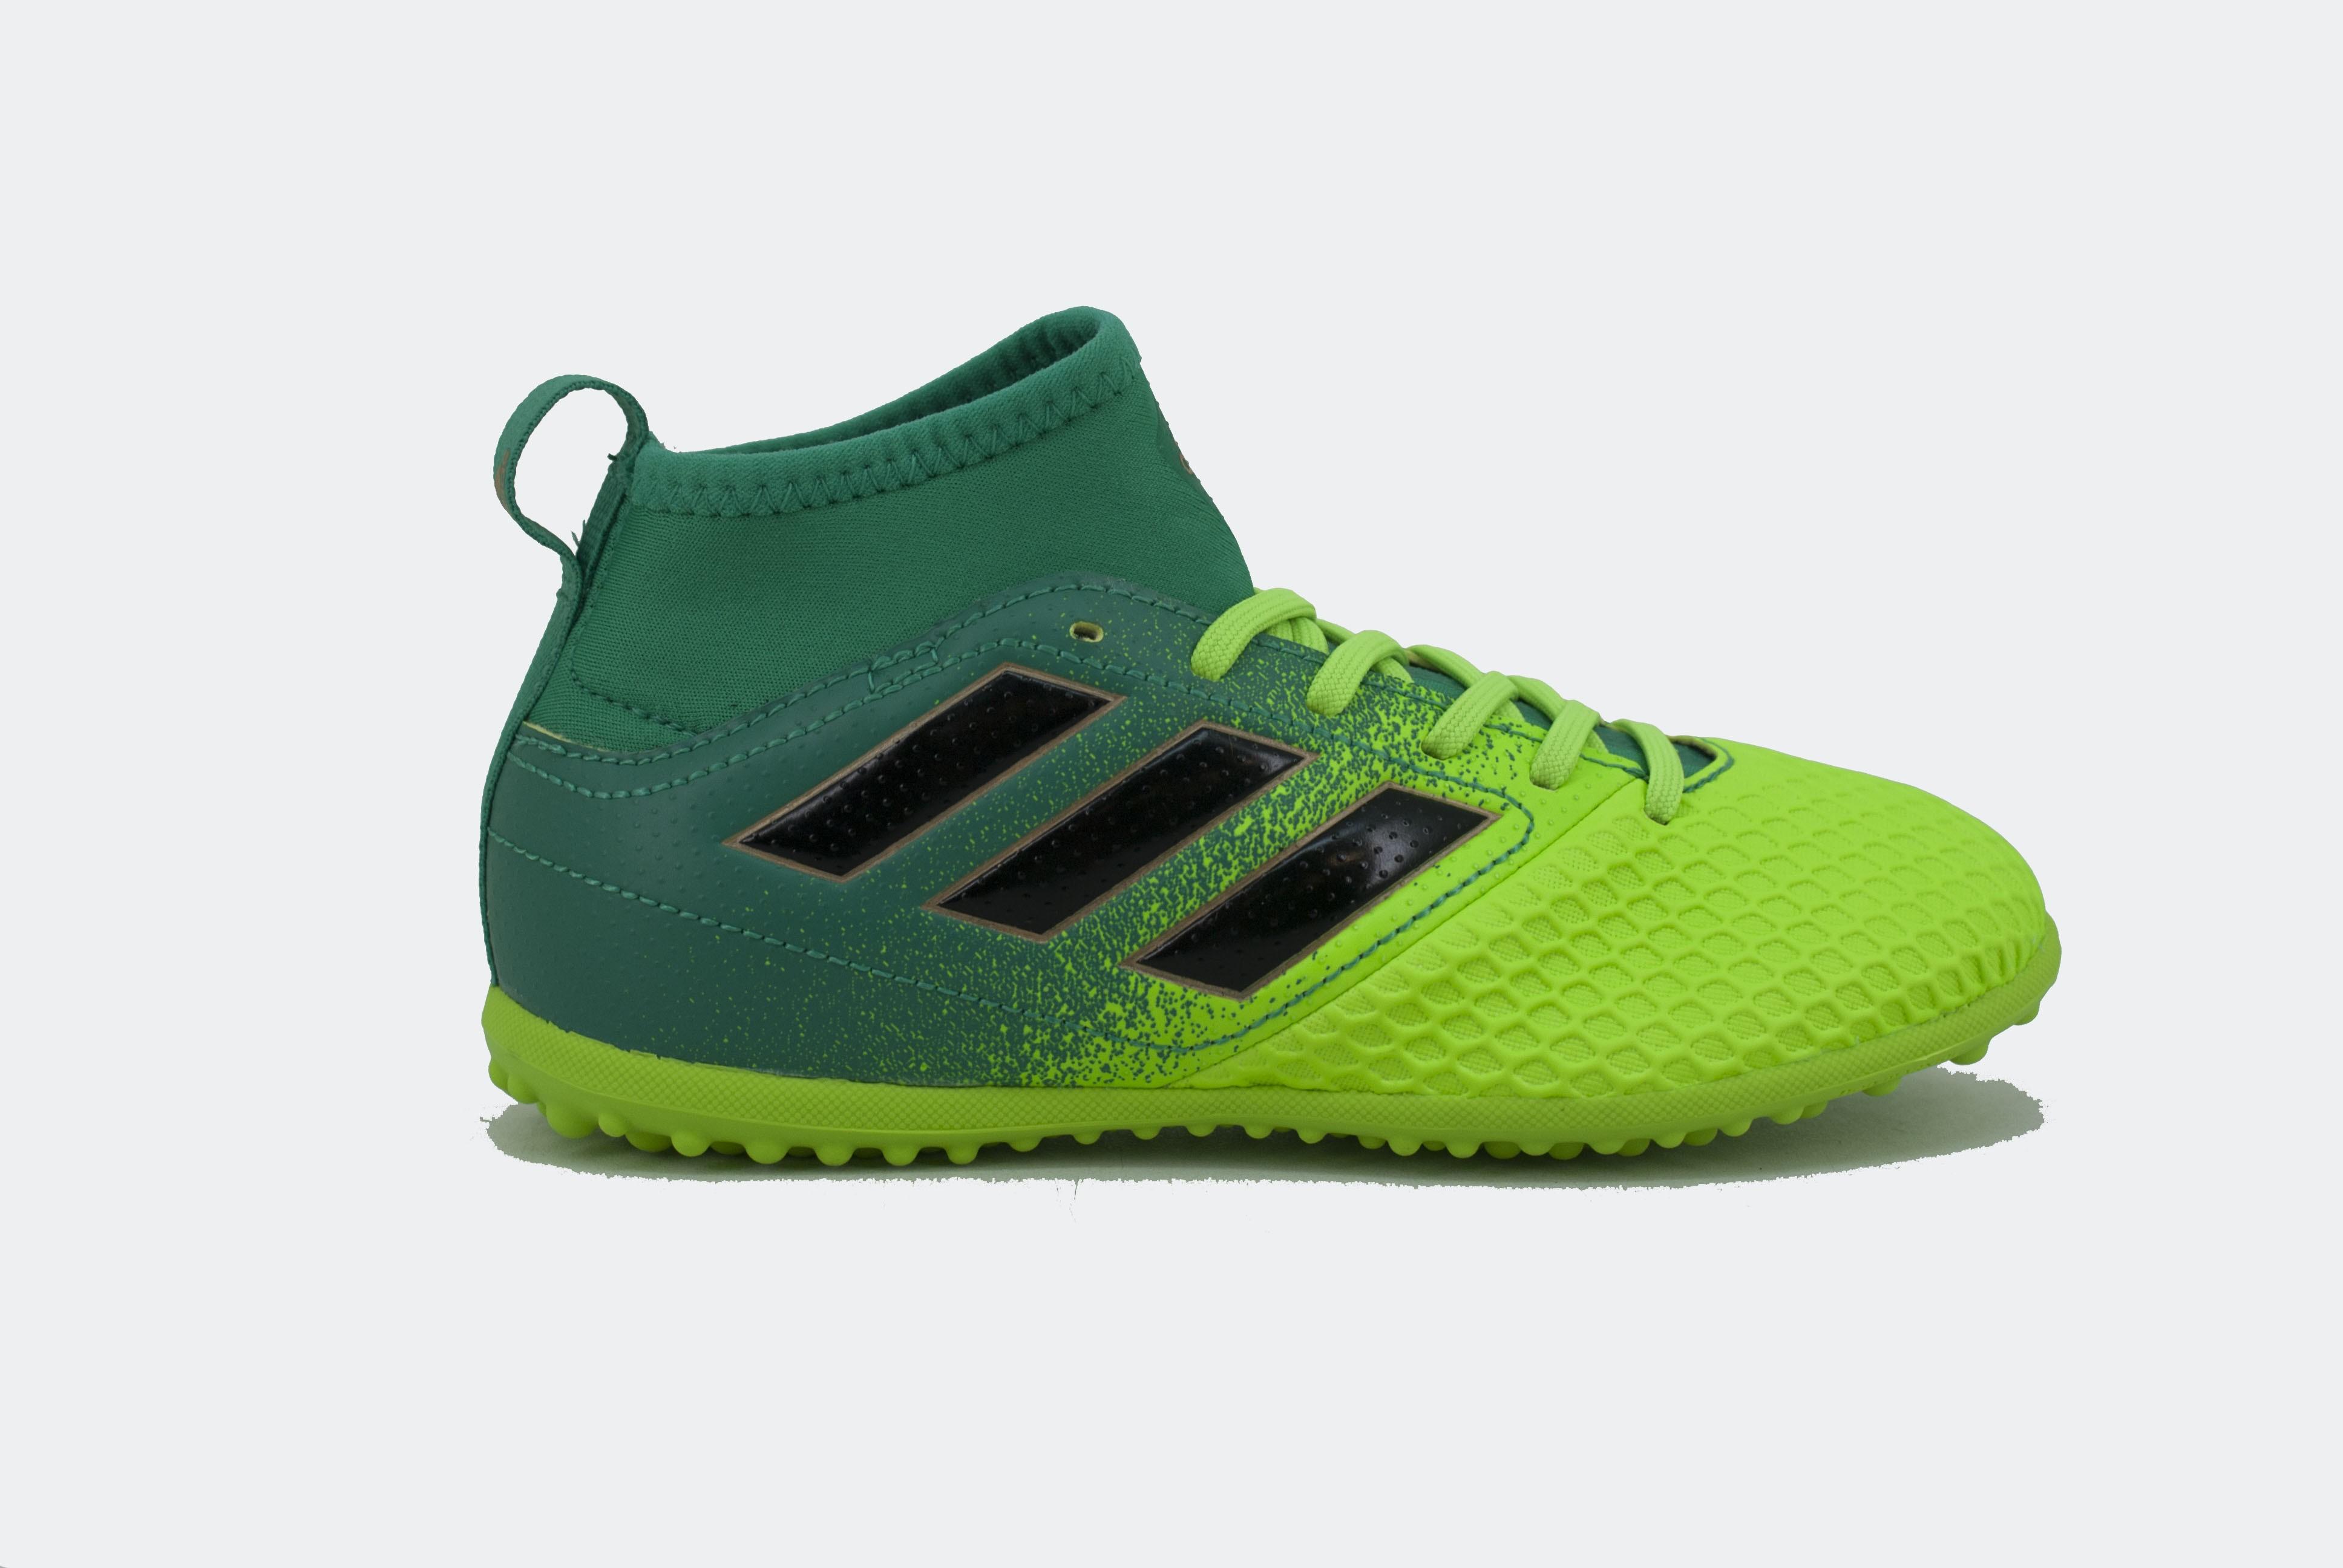 diario cama comunidad  botines adidas para niños - Tienda Online de Zapatos, Ropa y Complementos de  marca